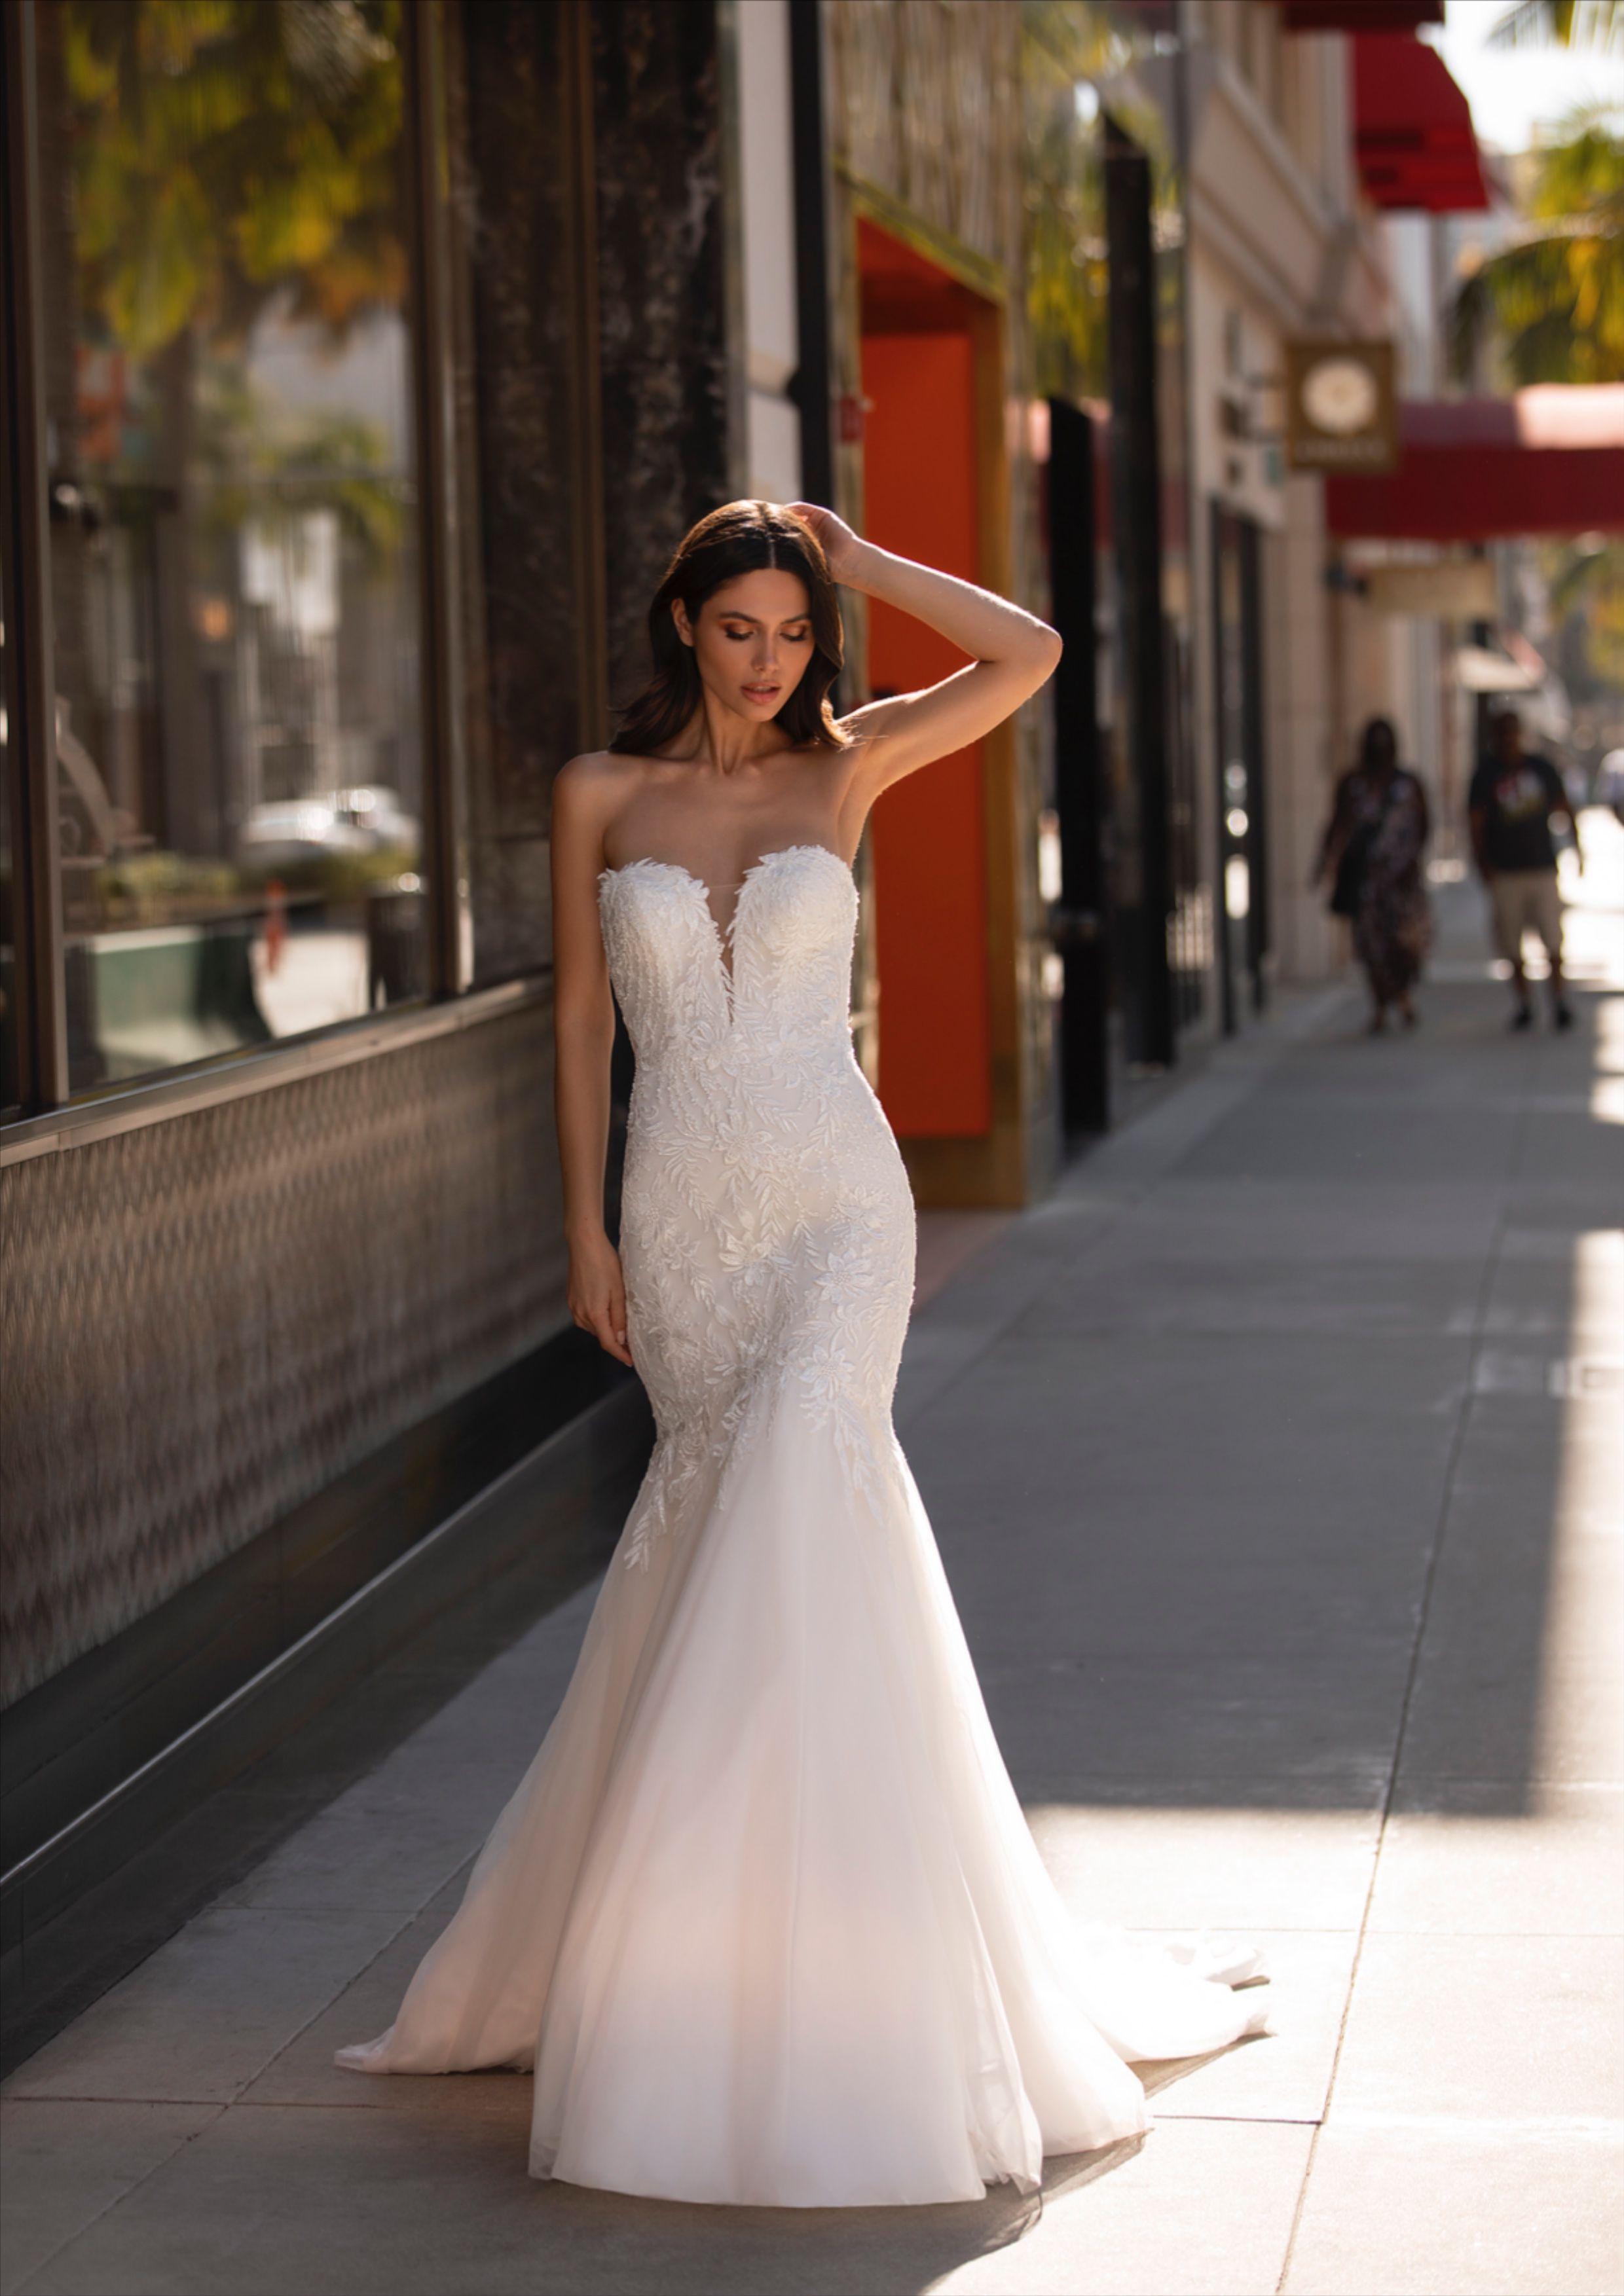 Wood Dress Pronovias2021 Pronovias Wedding Dress Mermaid Wedding Dress Wedding Dresses [ 3507 x 2480 Pixel ]